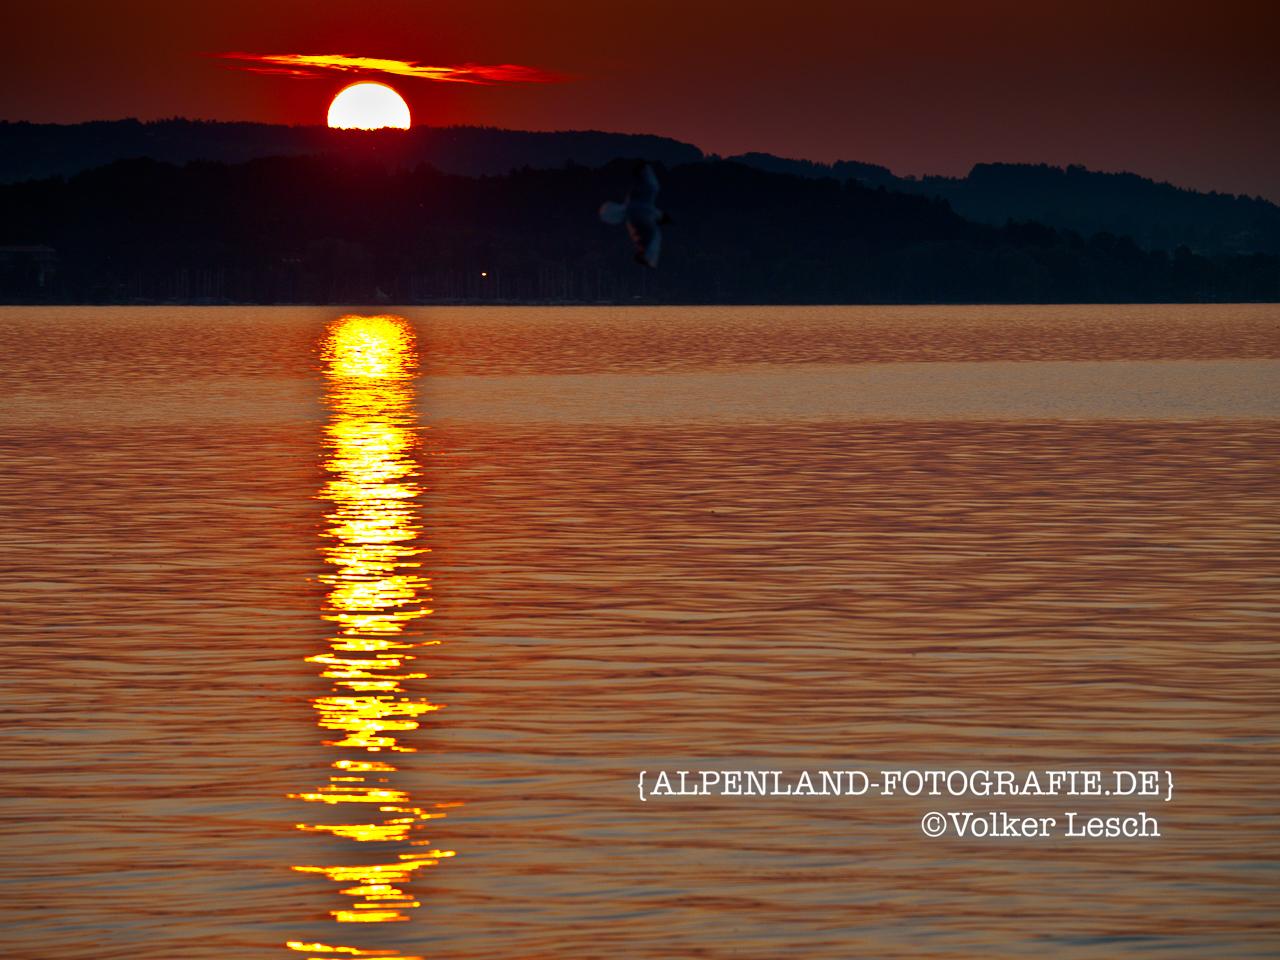 Chiemsee Sonnenuntergang © Volker Lesch